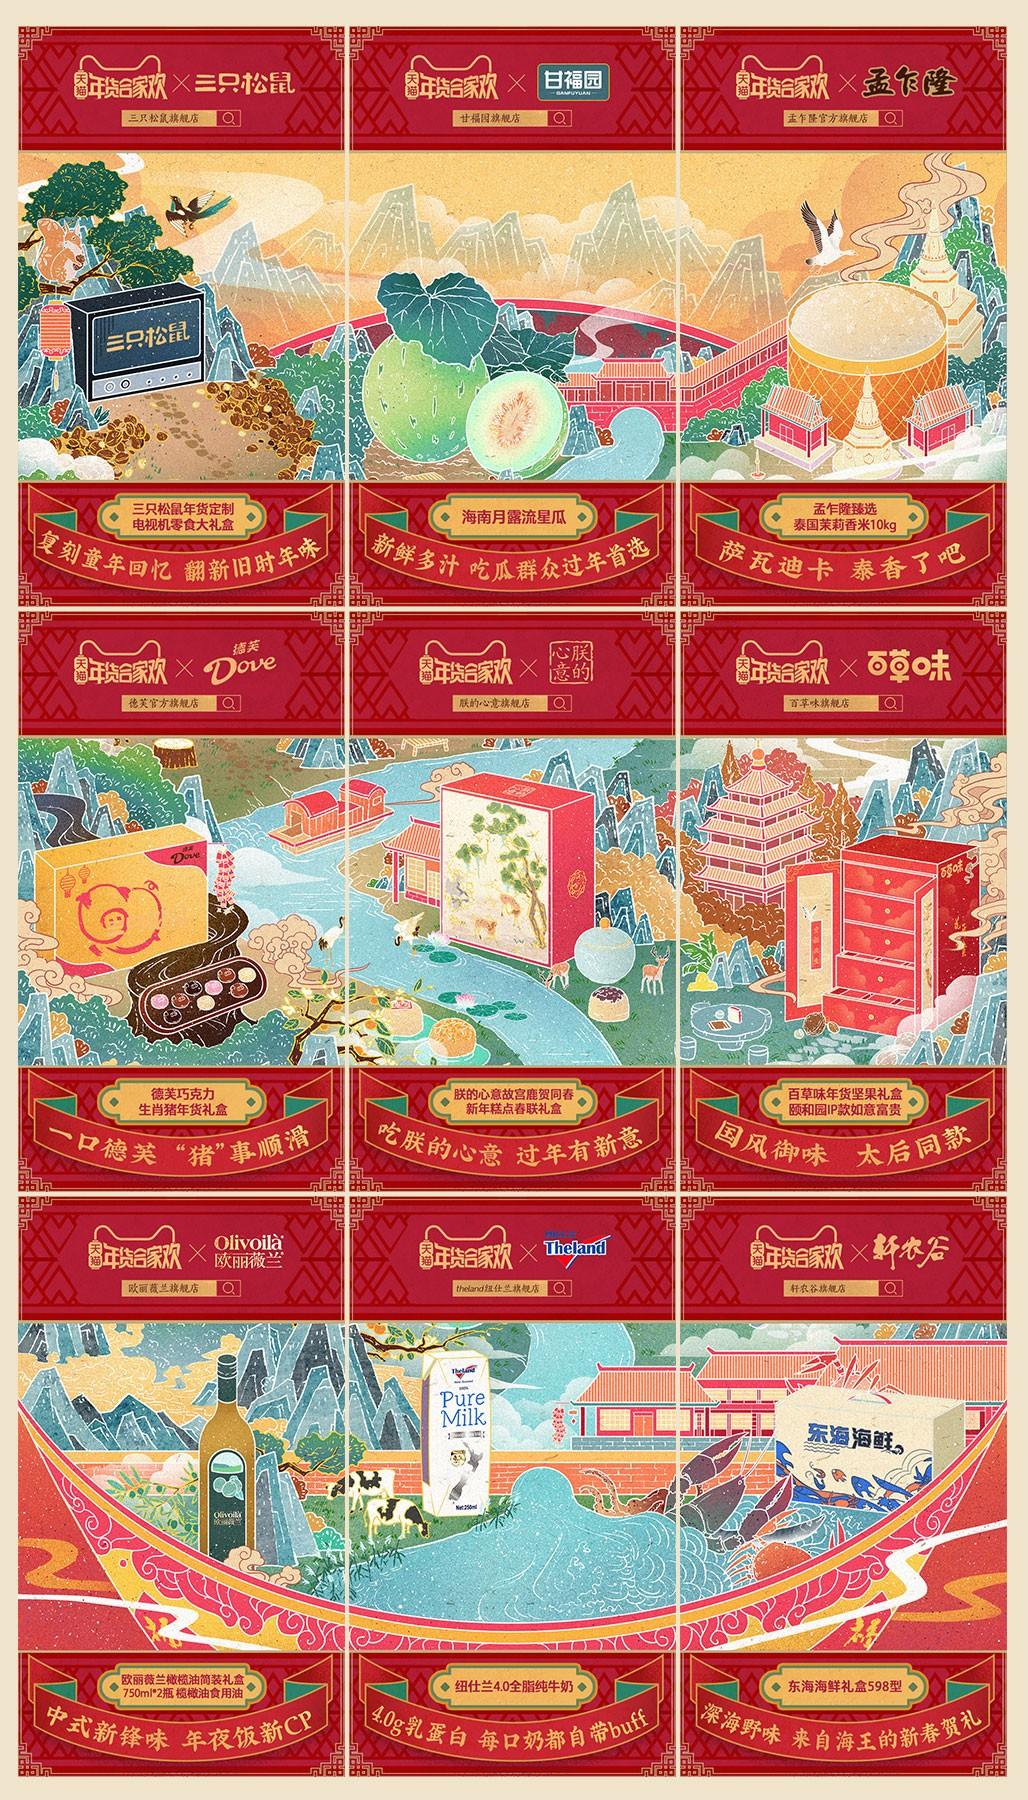 用九宫格的组合方式,拼出天猫年货节两个新年范儿的场景,拼在一起